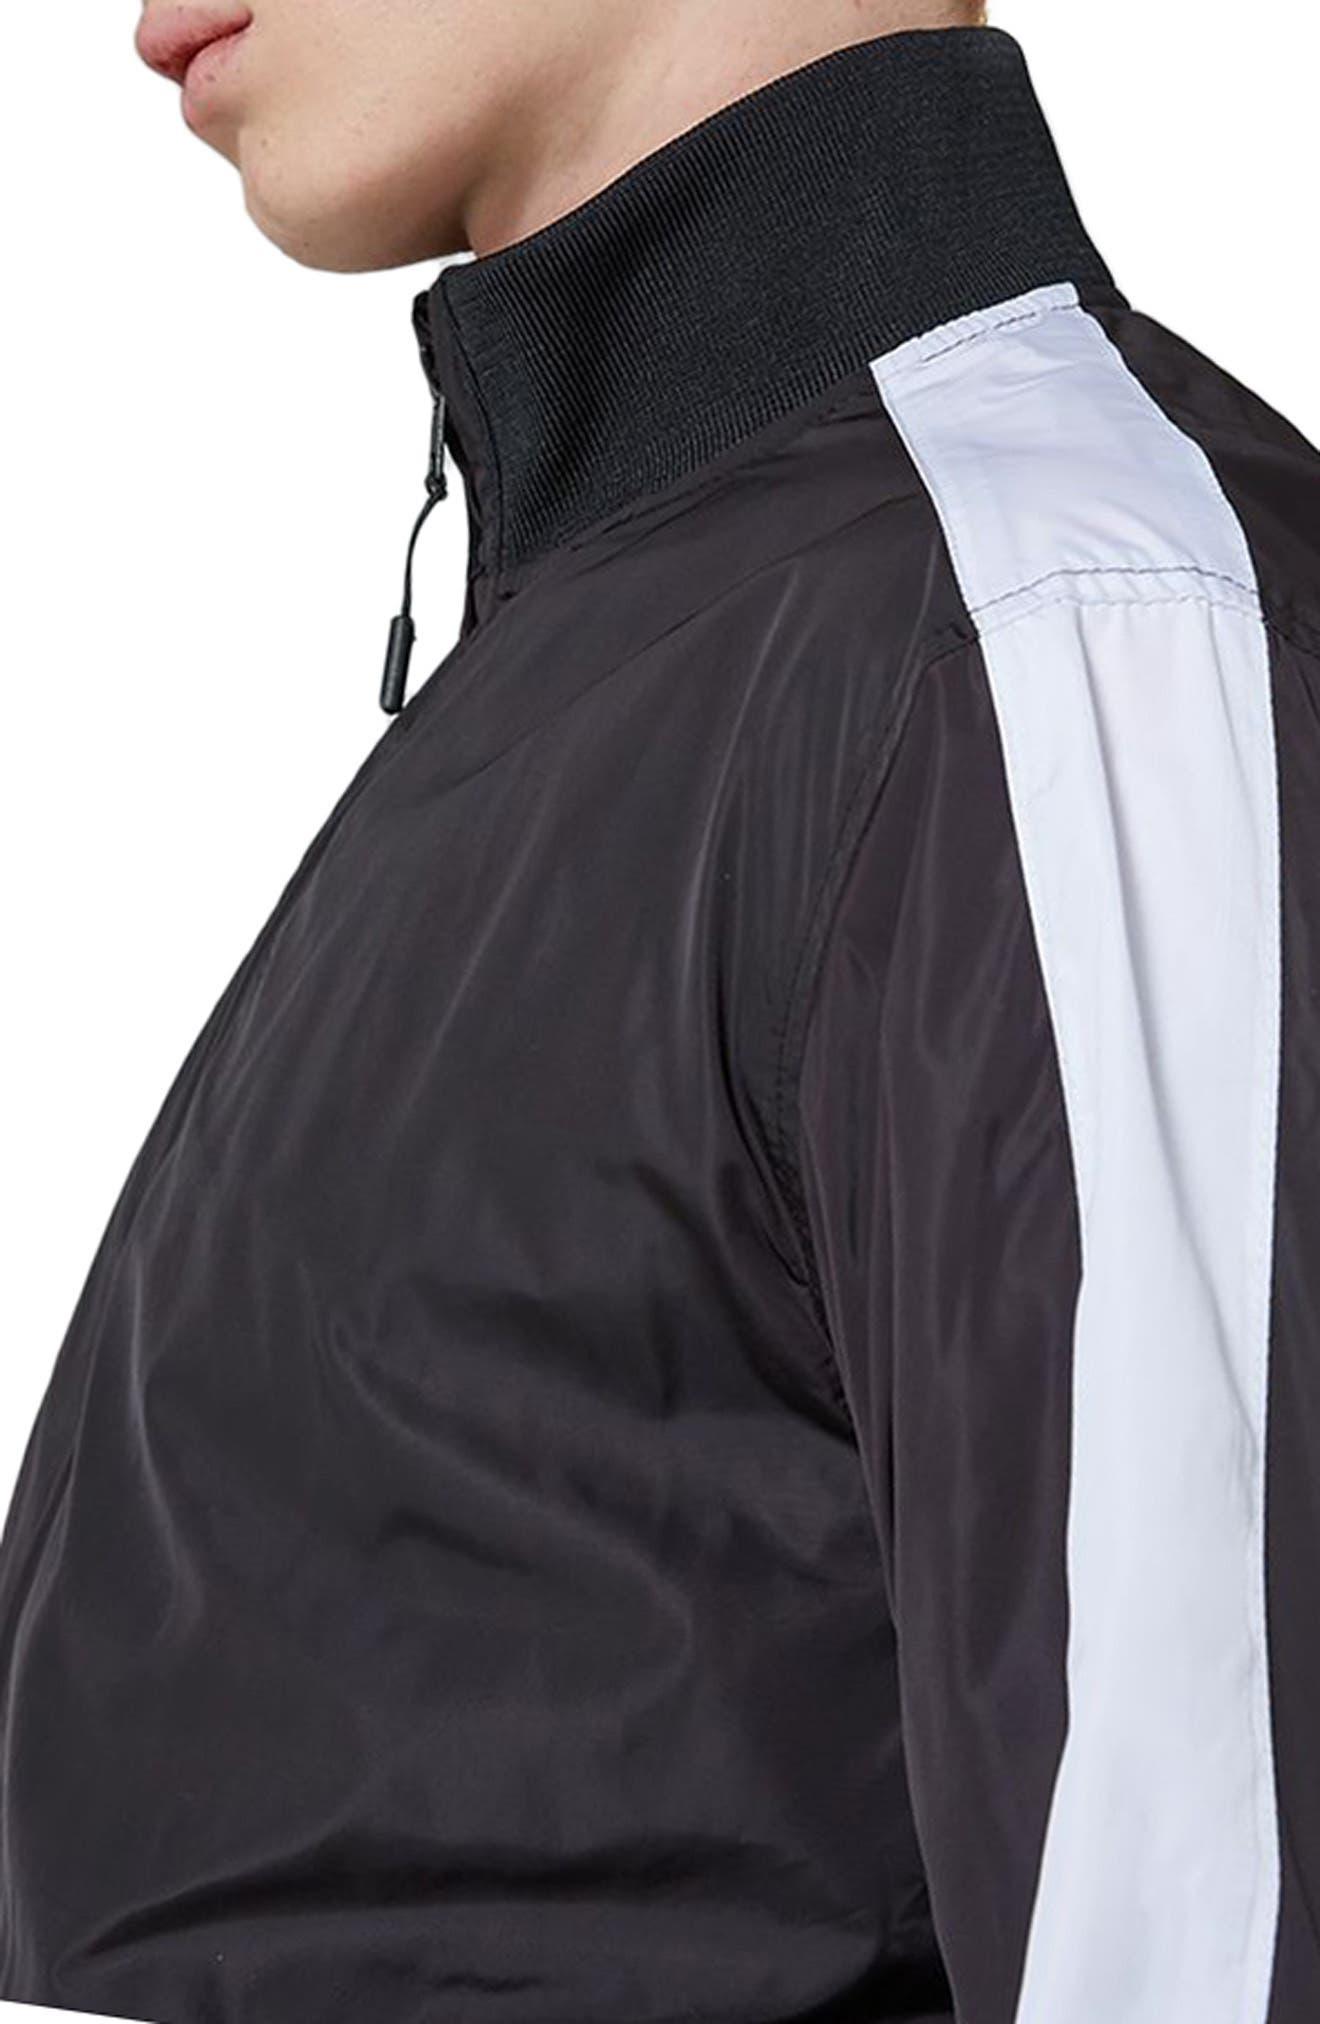 Sport Track Jacket,                             Alternate thumbnail 3, color,                             Black Multi